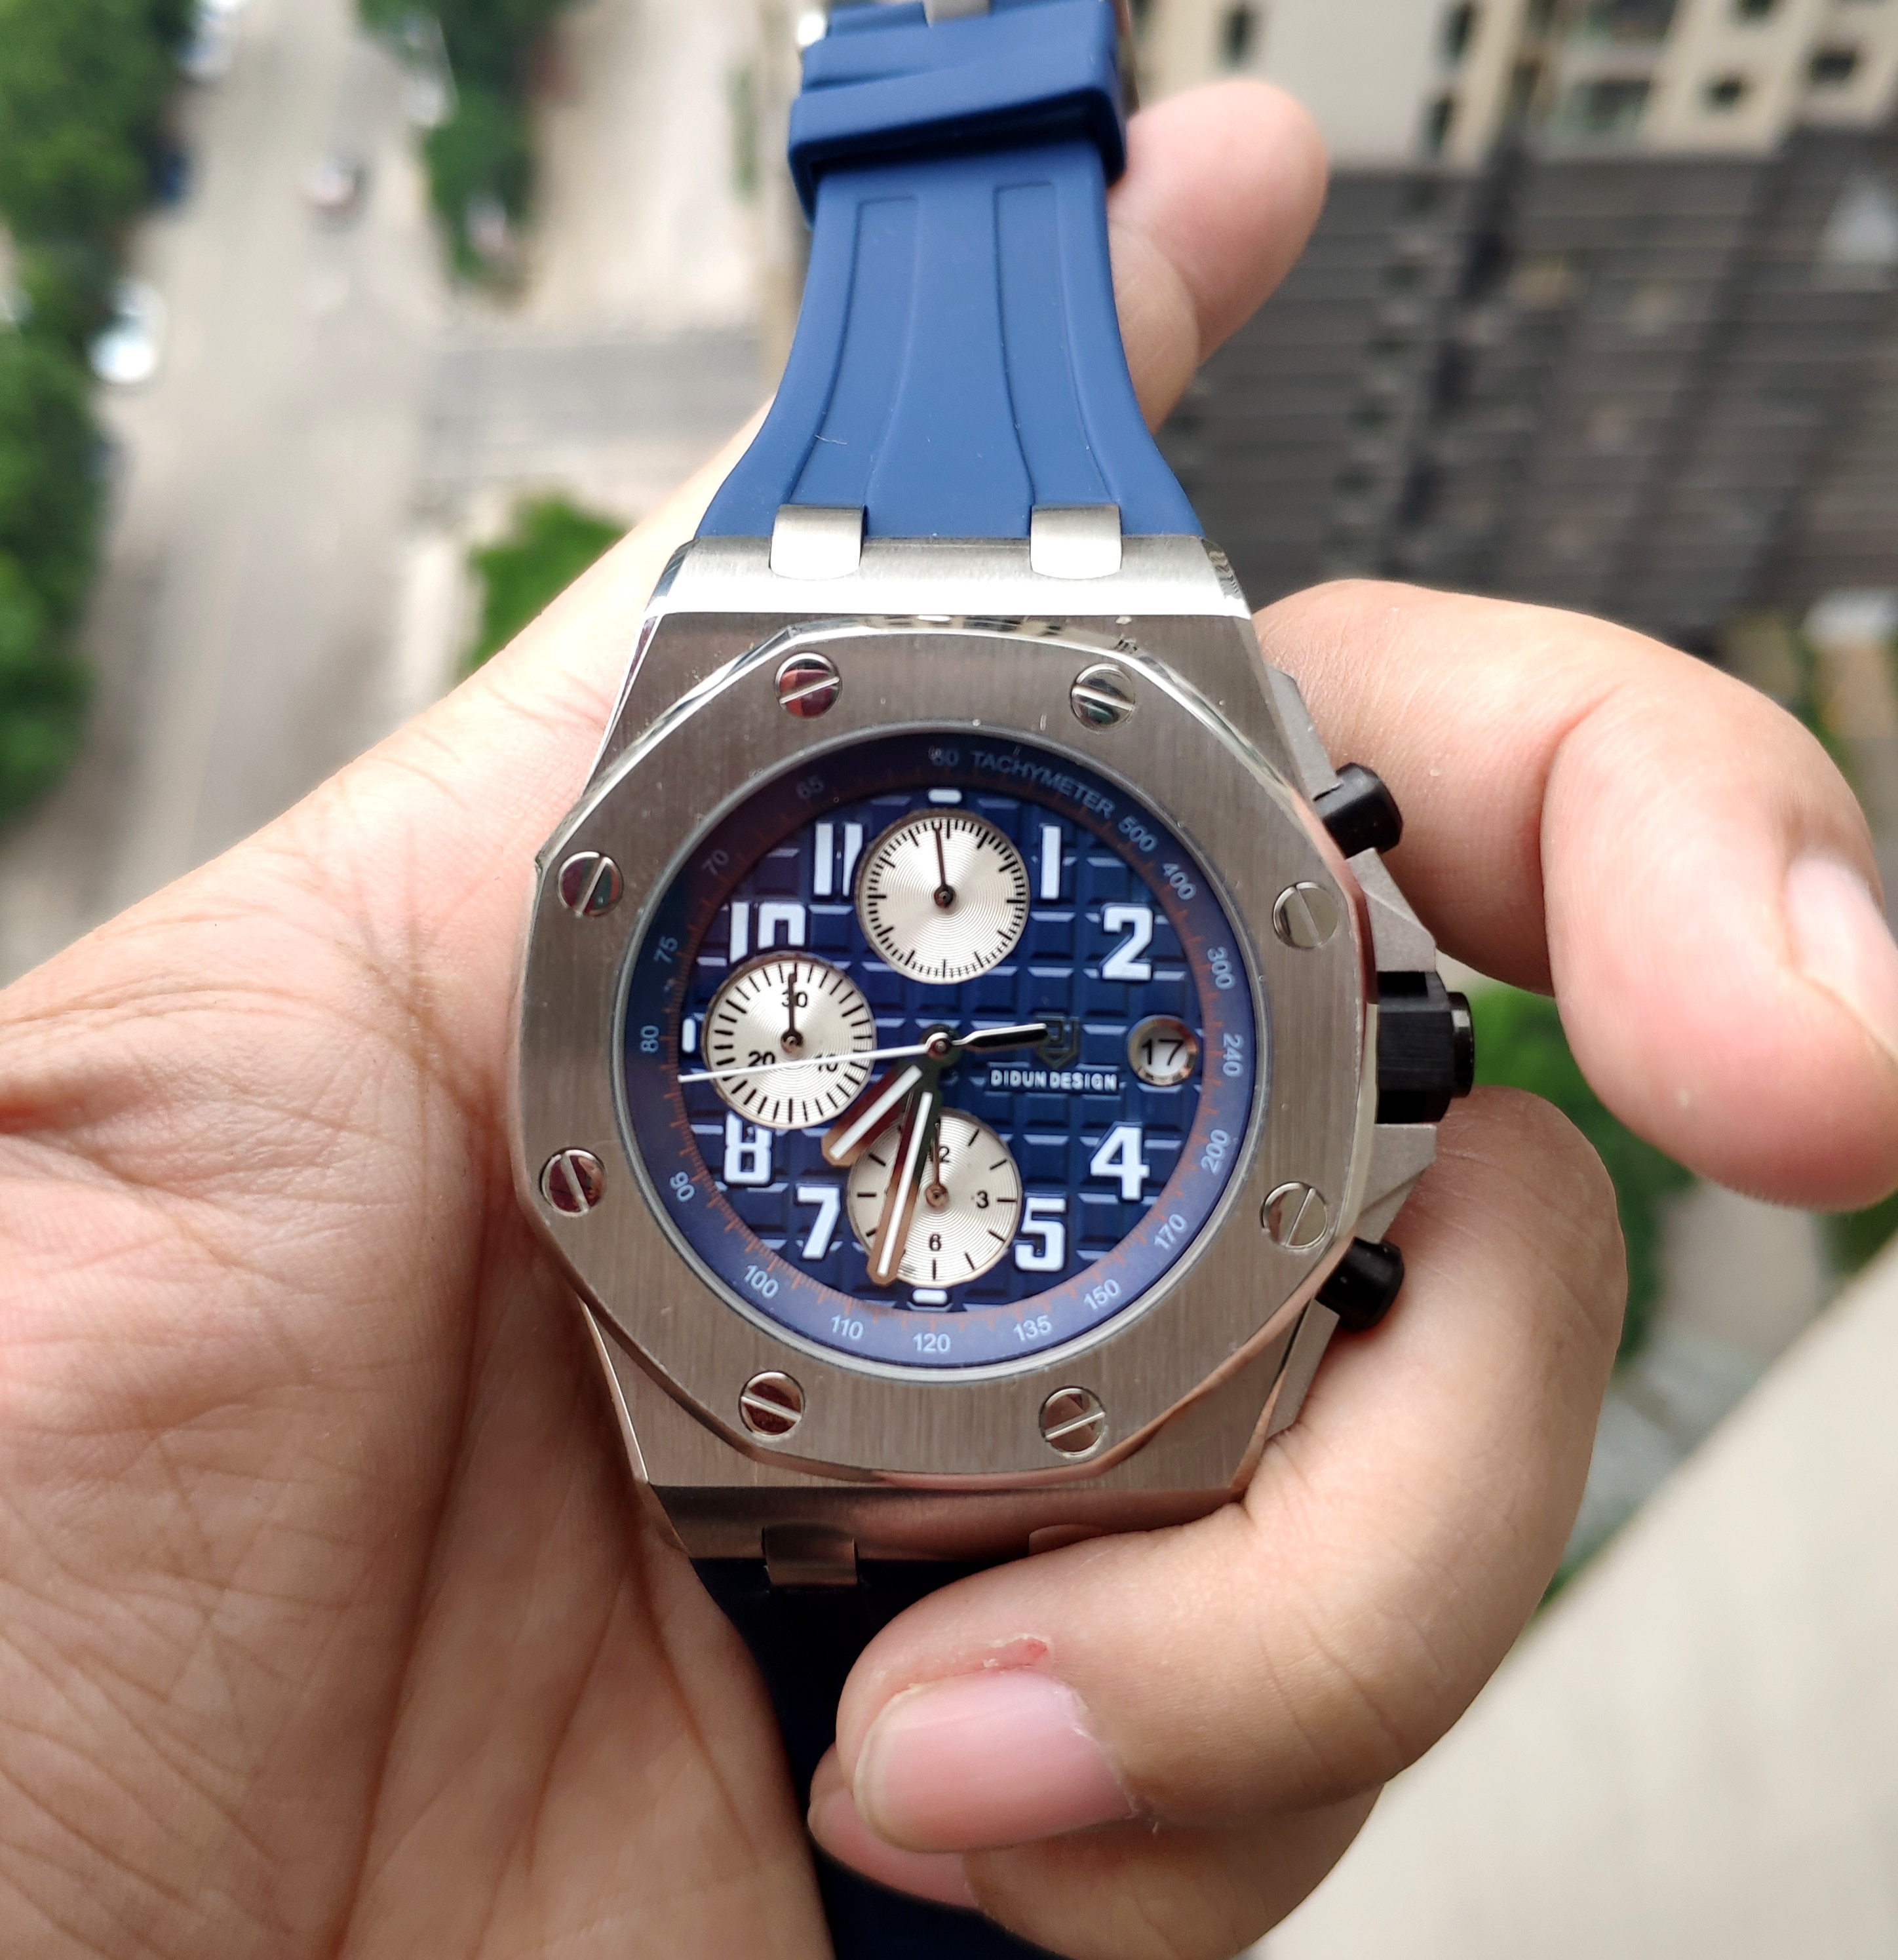 Didun الرجال الفاخرة العلامة التجارية كوارتز ساعة رقمية غواص الرياضة مضيئة للرجال العلامة التجارية الأعلى ساعة اليد مقاومة للماء